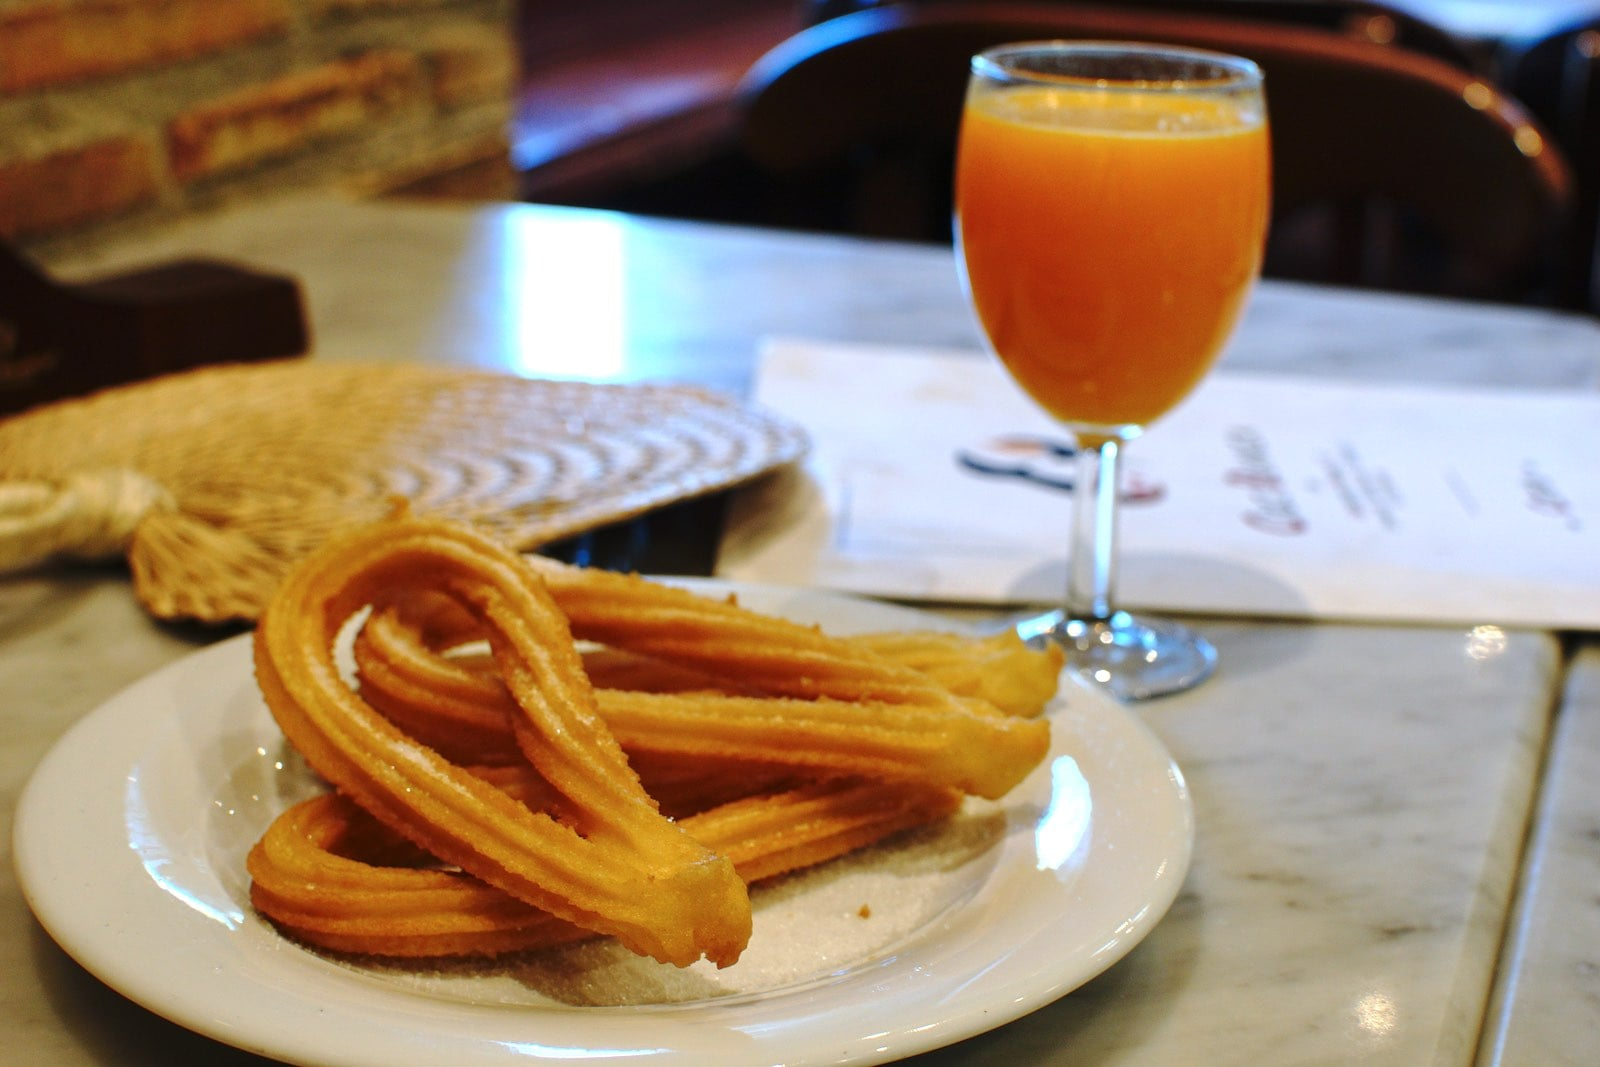 Churros and Freshly-squeezed Orange Juice